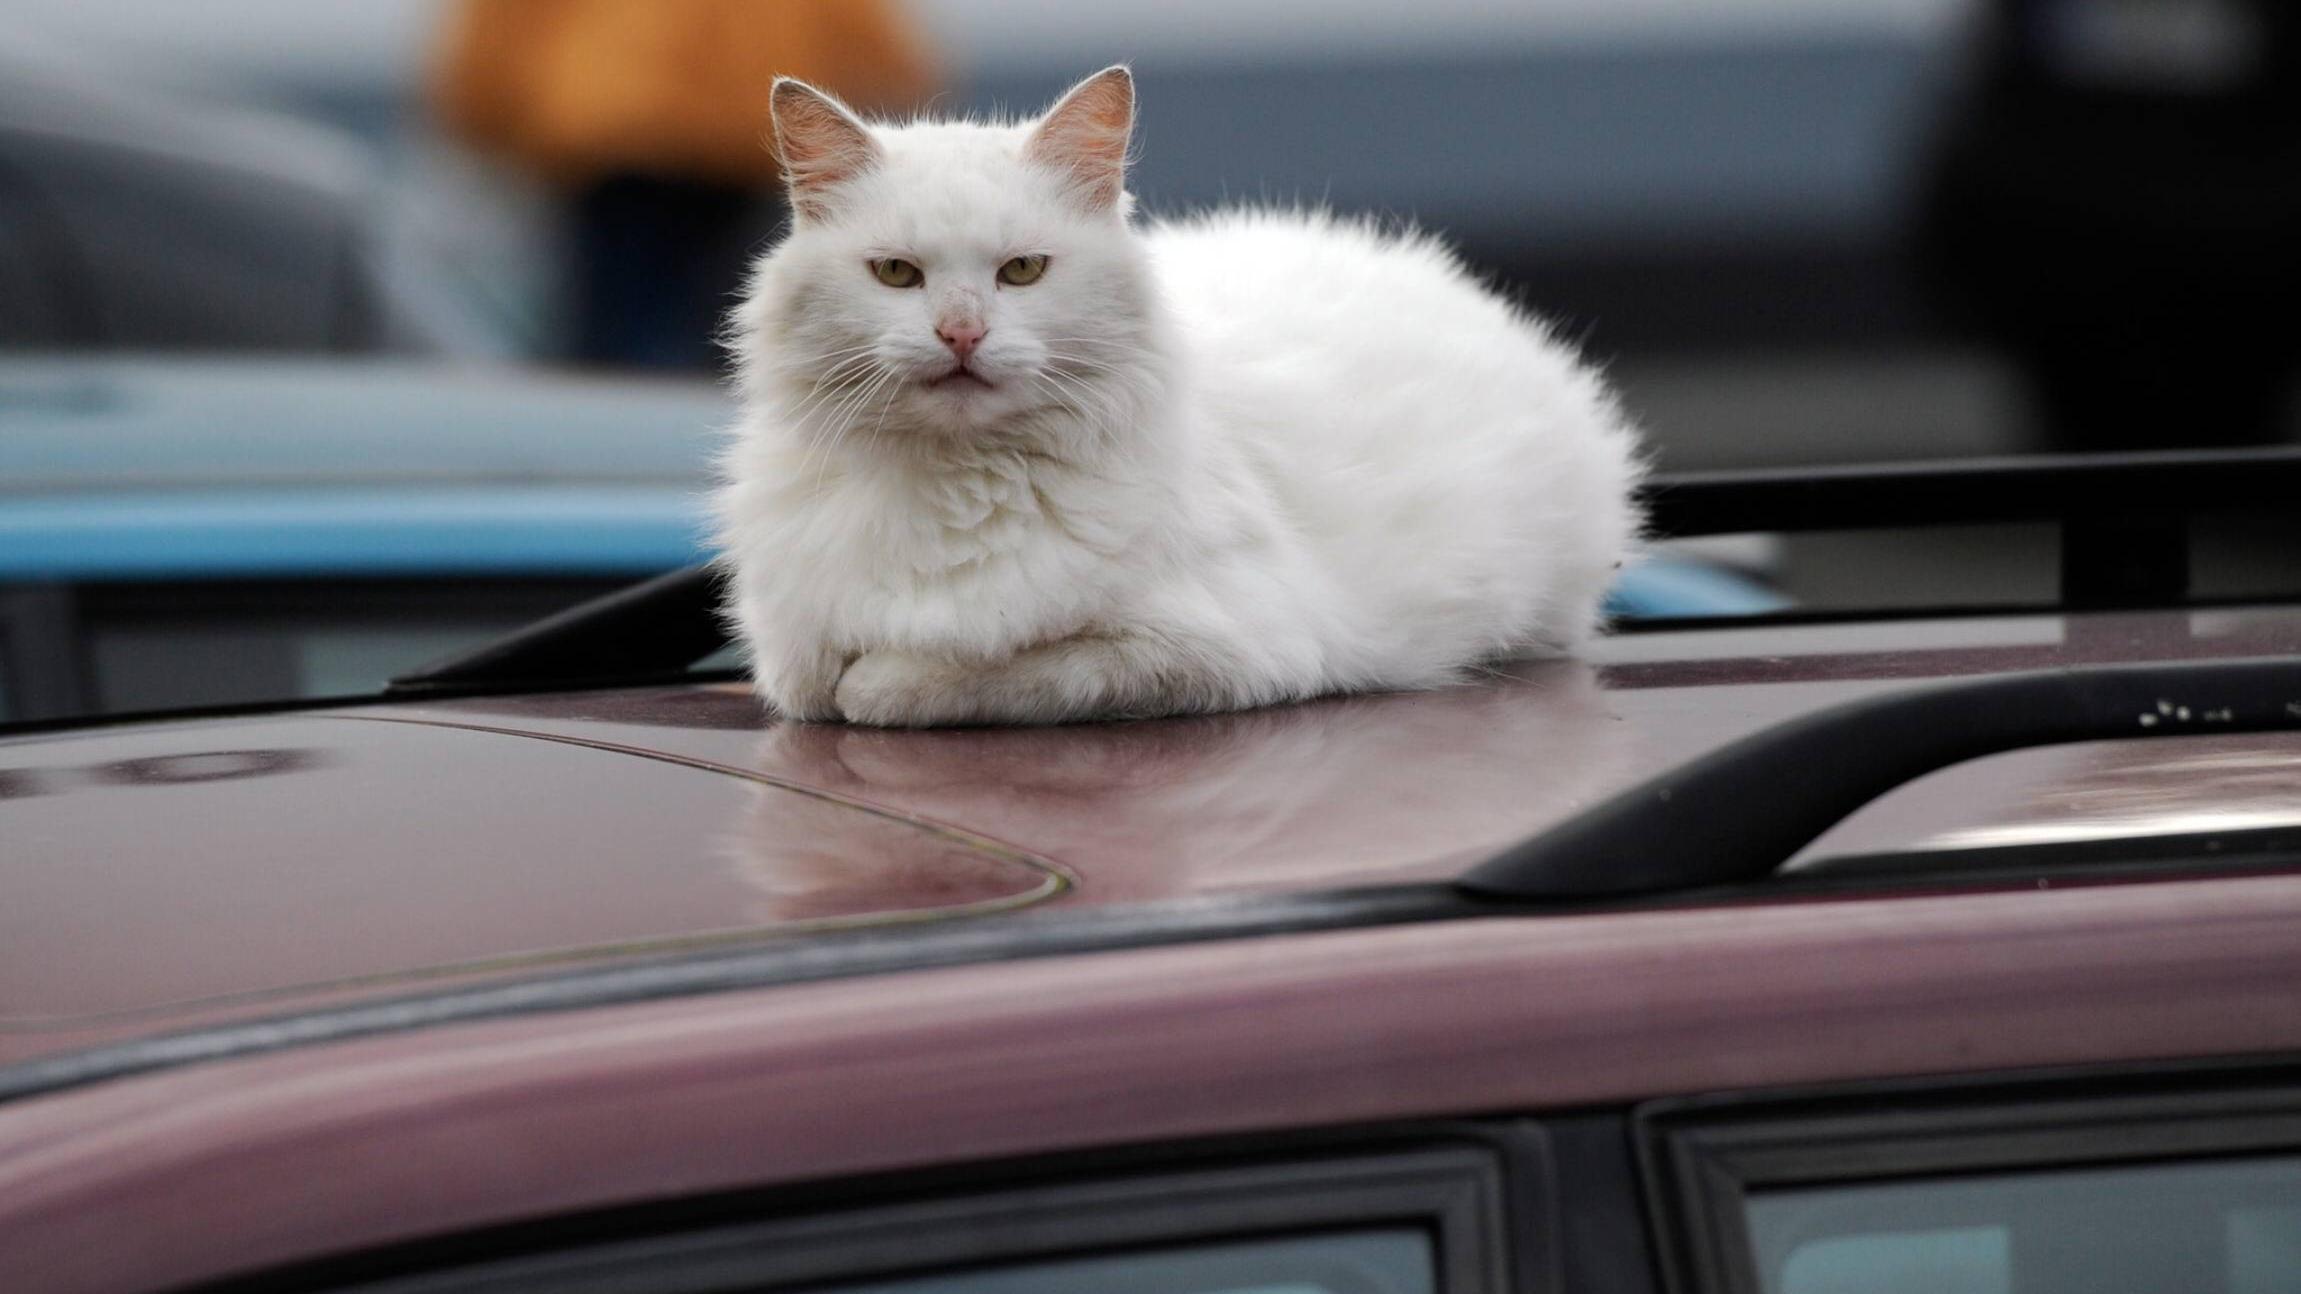 Katzen lassen sich meist nur ungern im Auto transportieren.